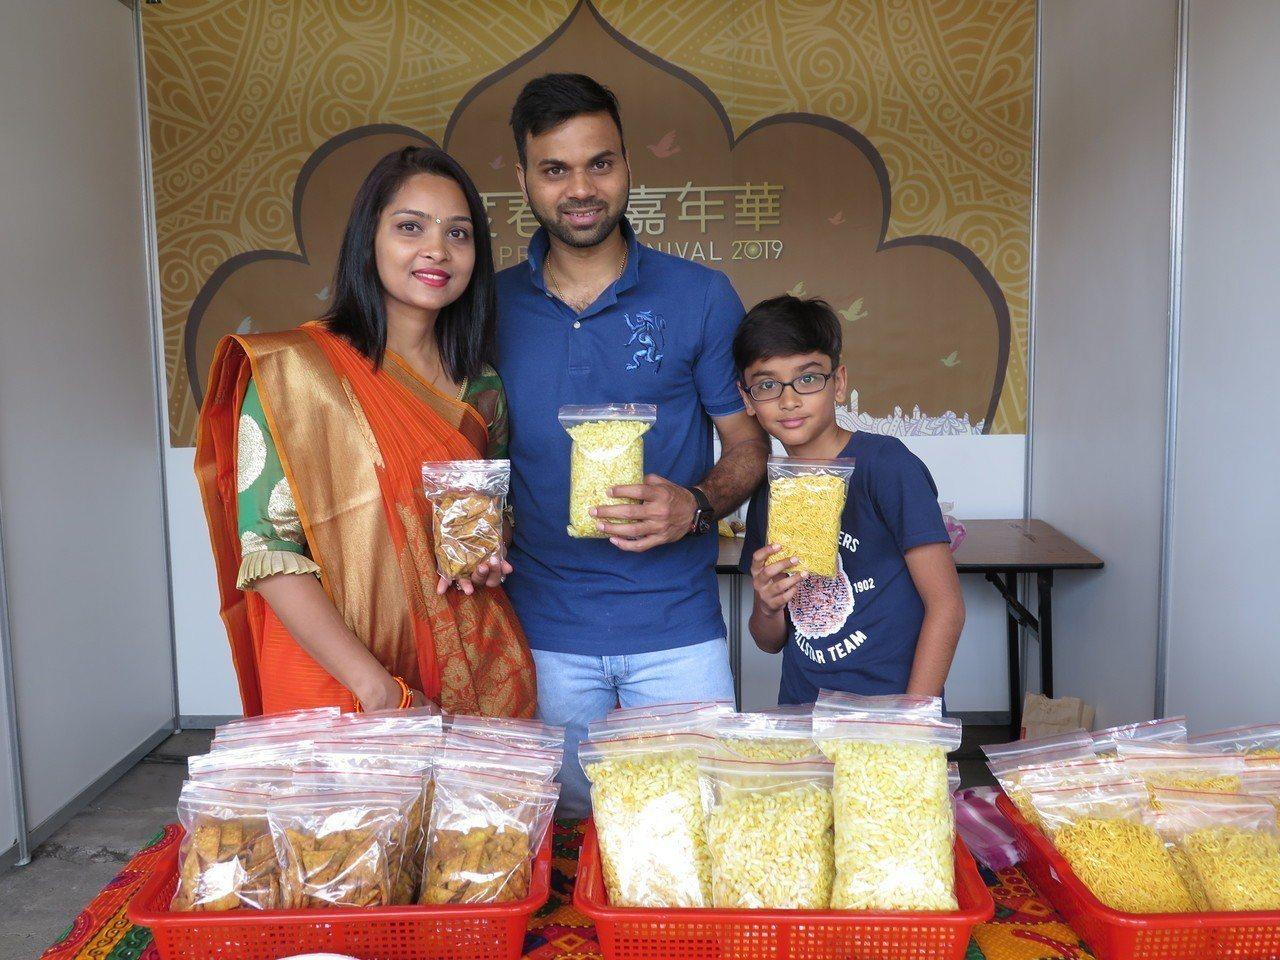 從印度來台工作的夫妻檔Ripal與Peter則販售手工的印度點心,有鹹辣的印度餅...